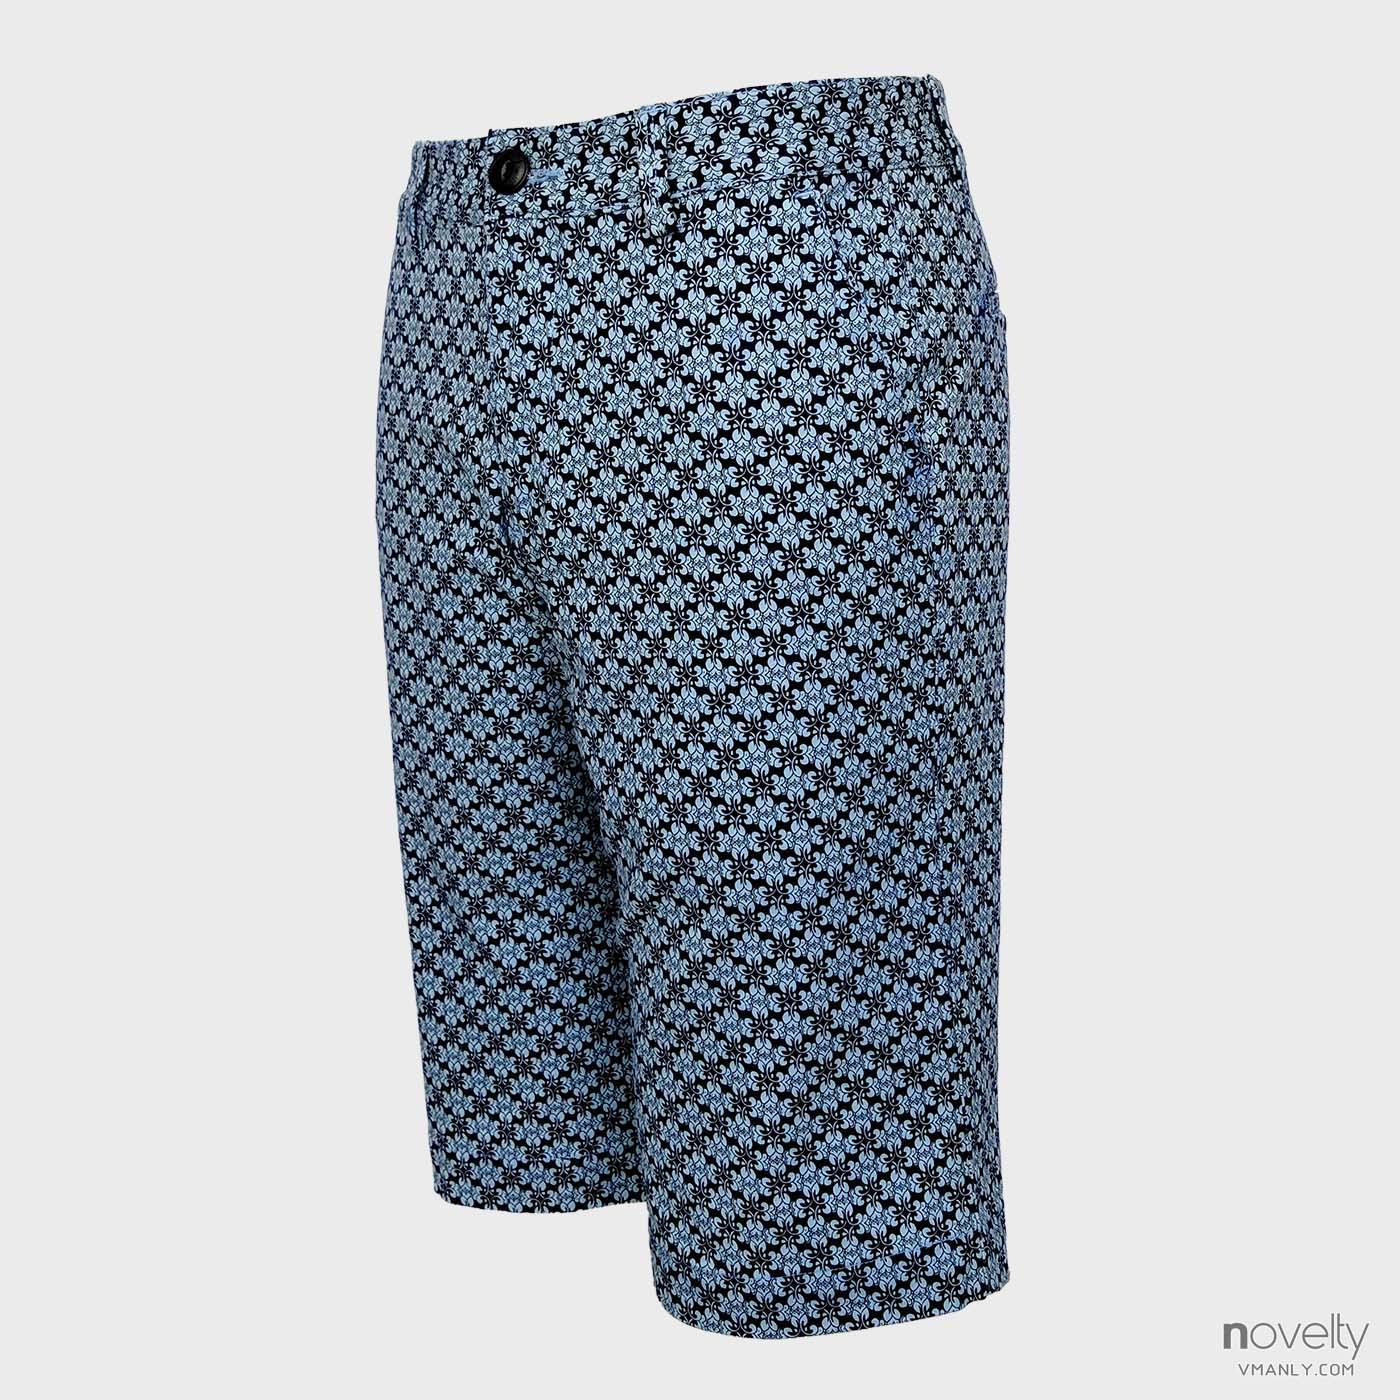 Quần short kaki nam Novelty màu xanh đen hoa văn NSKMINNCR162025